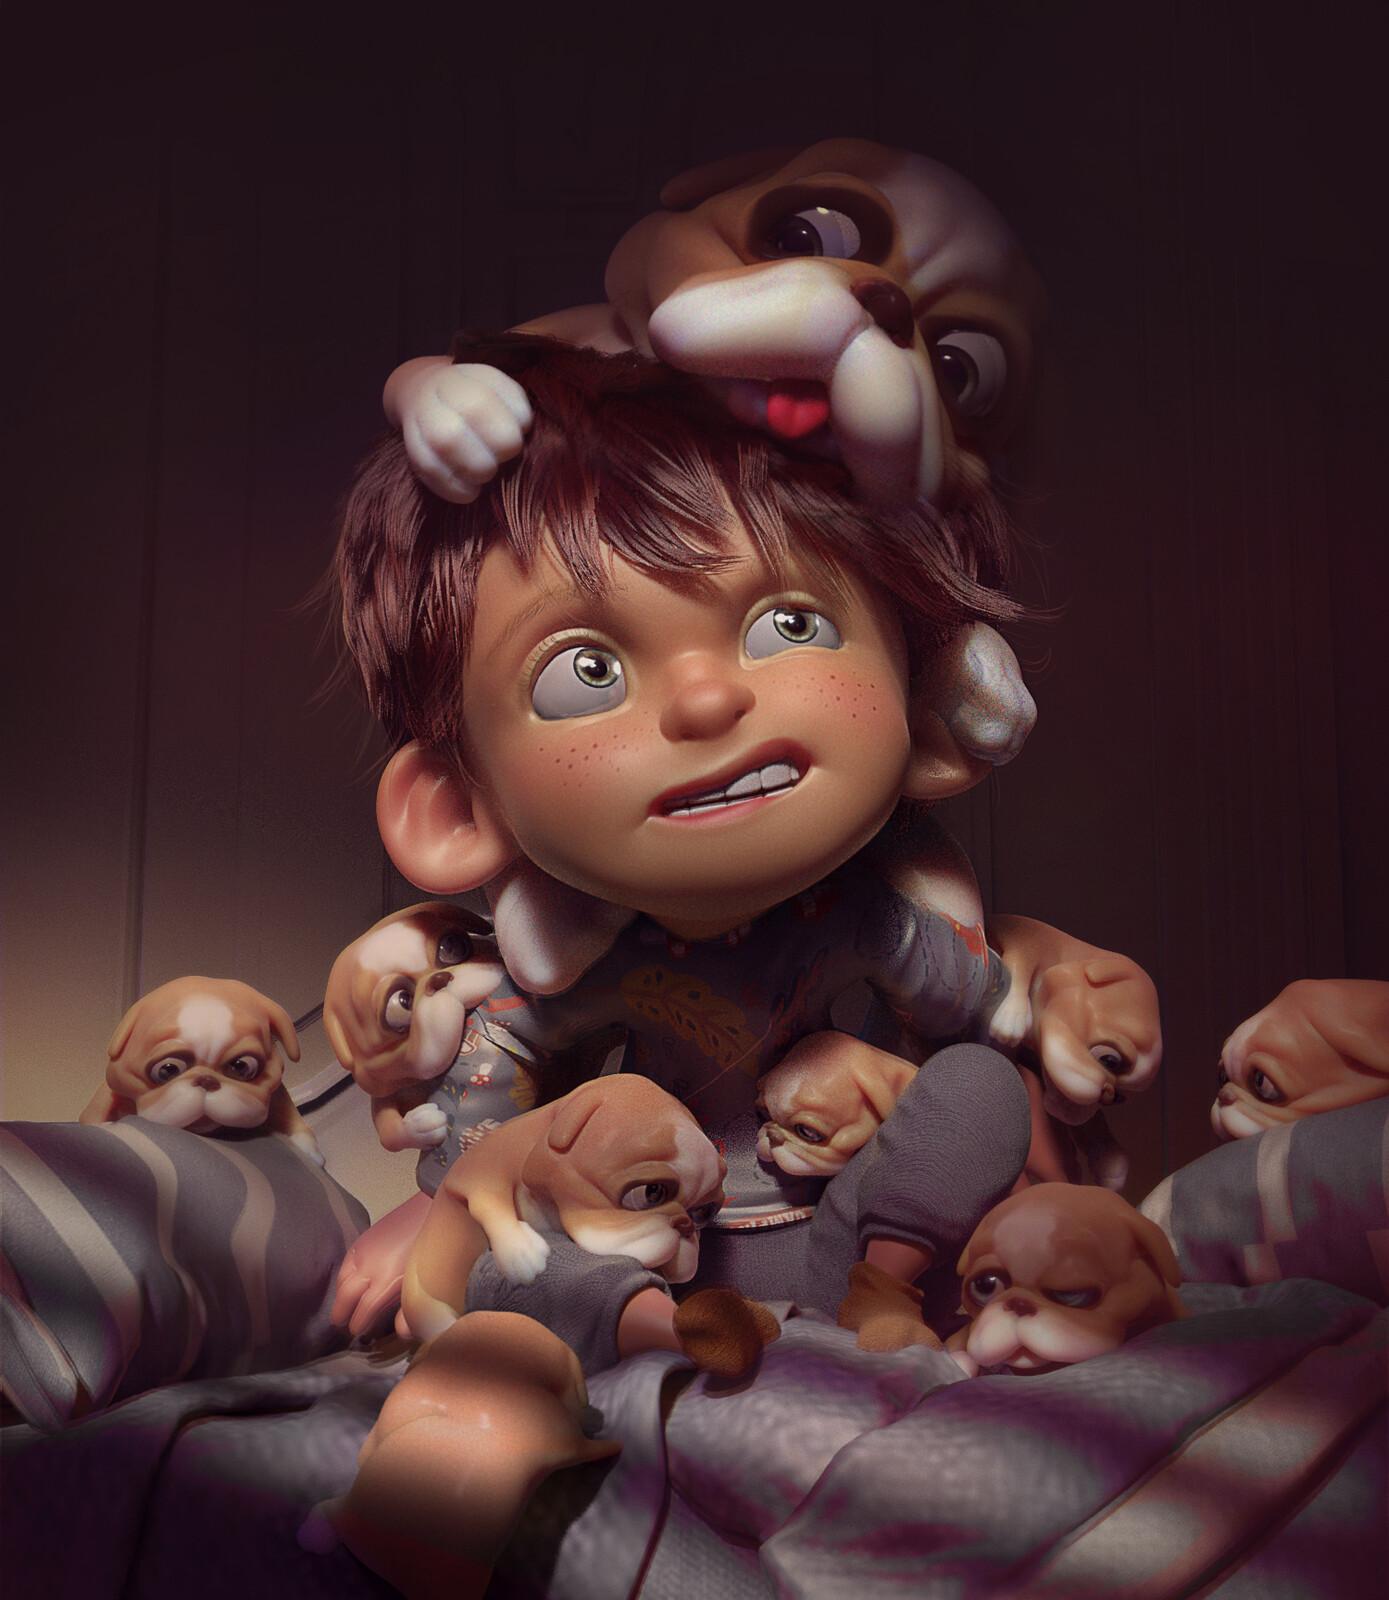 Kid & Puppies